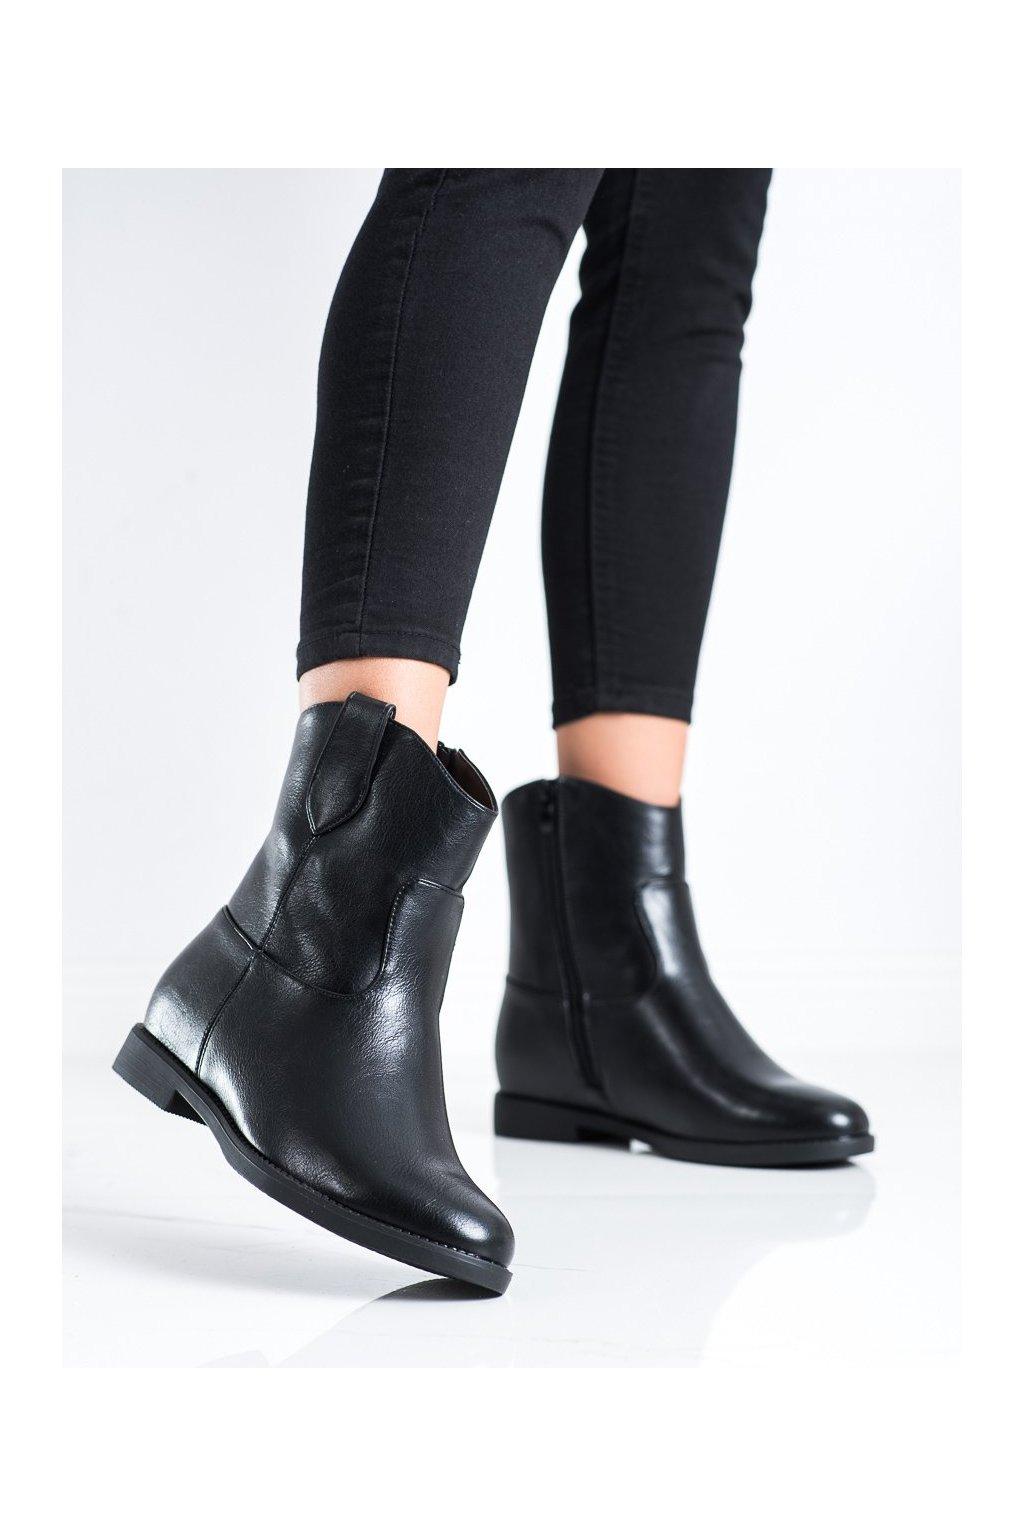 Čierne dámske topánky J. star kod A8302B